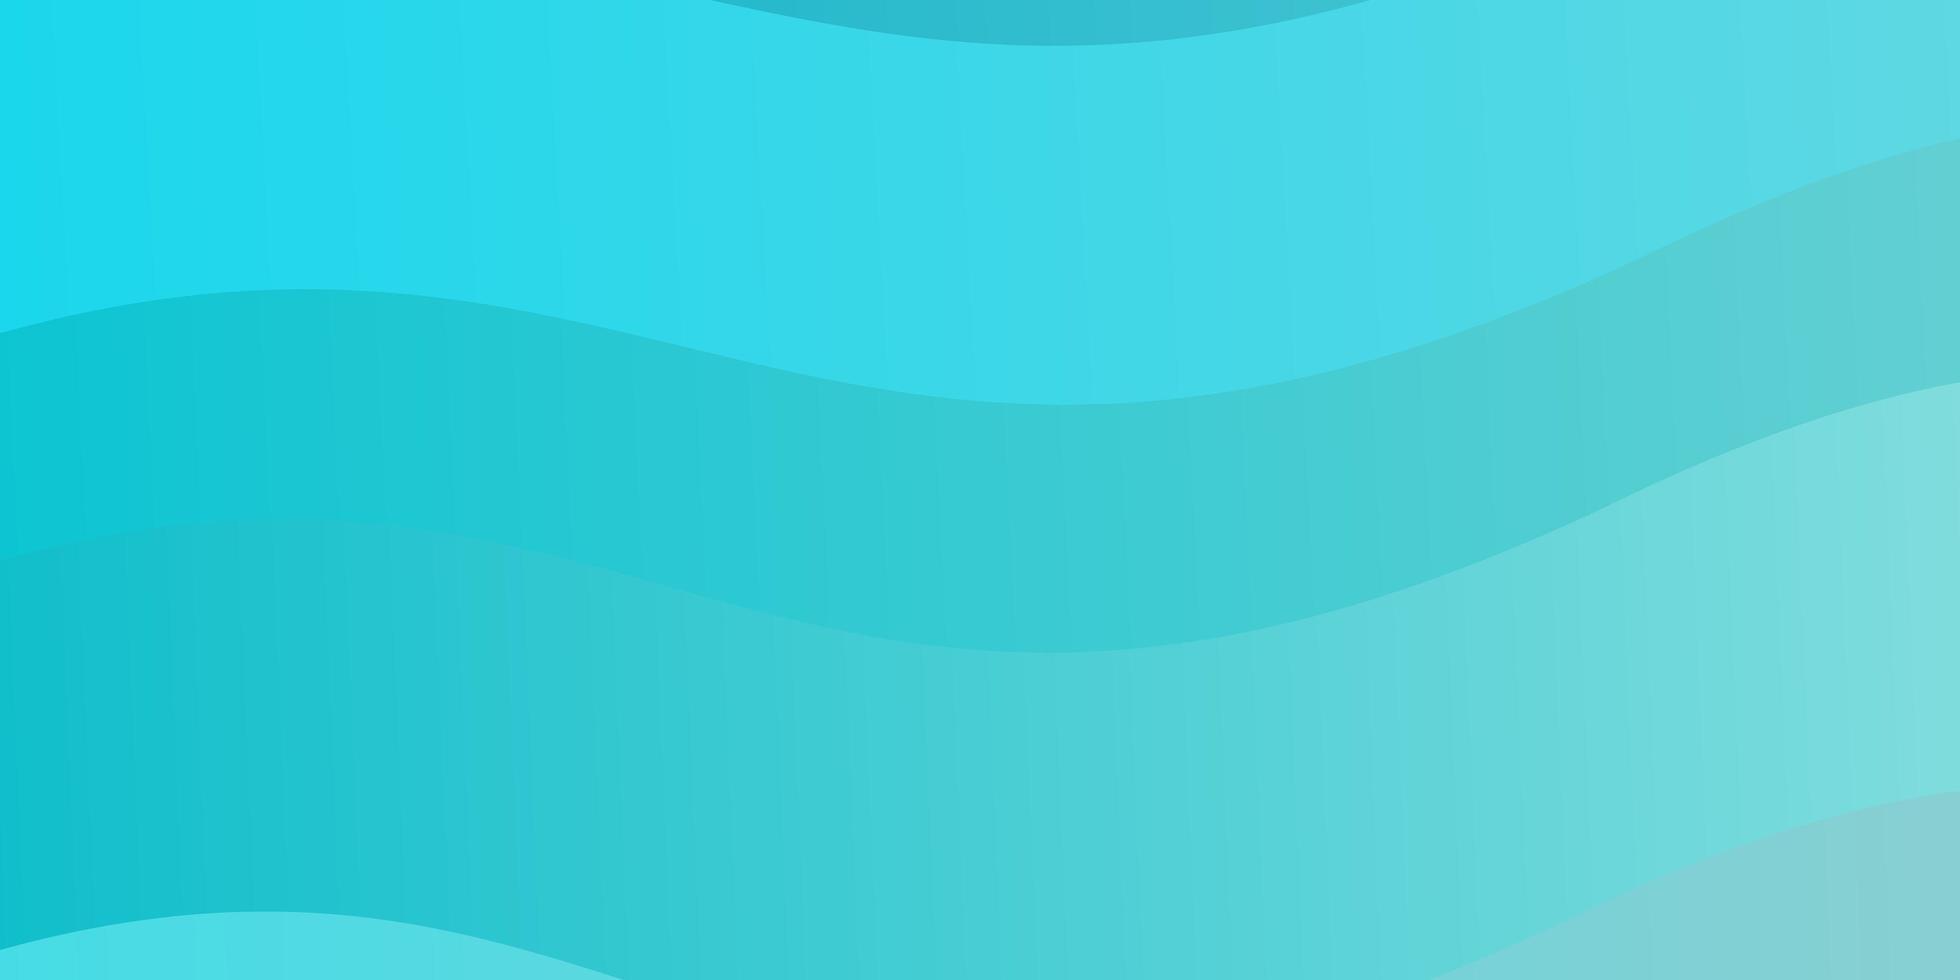 ljusblått, grönt vektormönster med böjda linjer. vektor